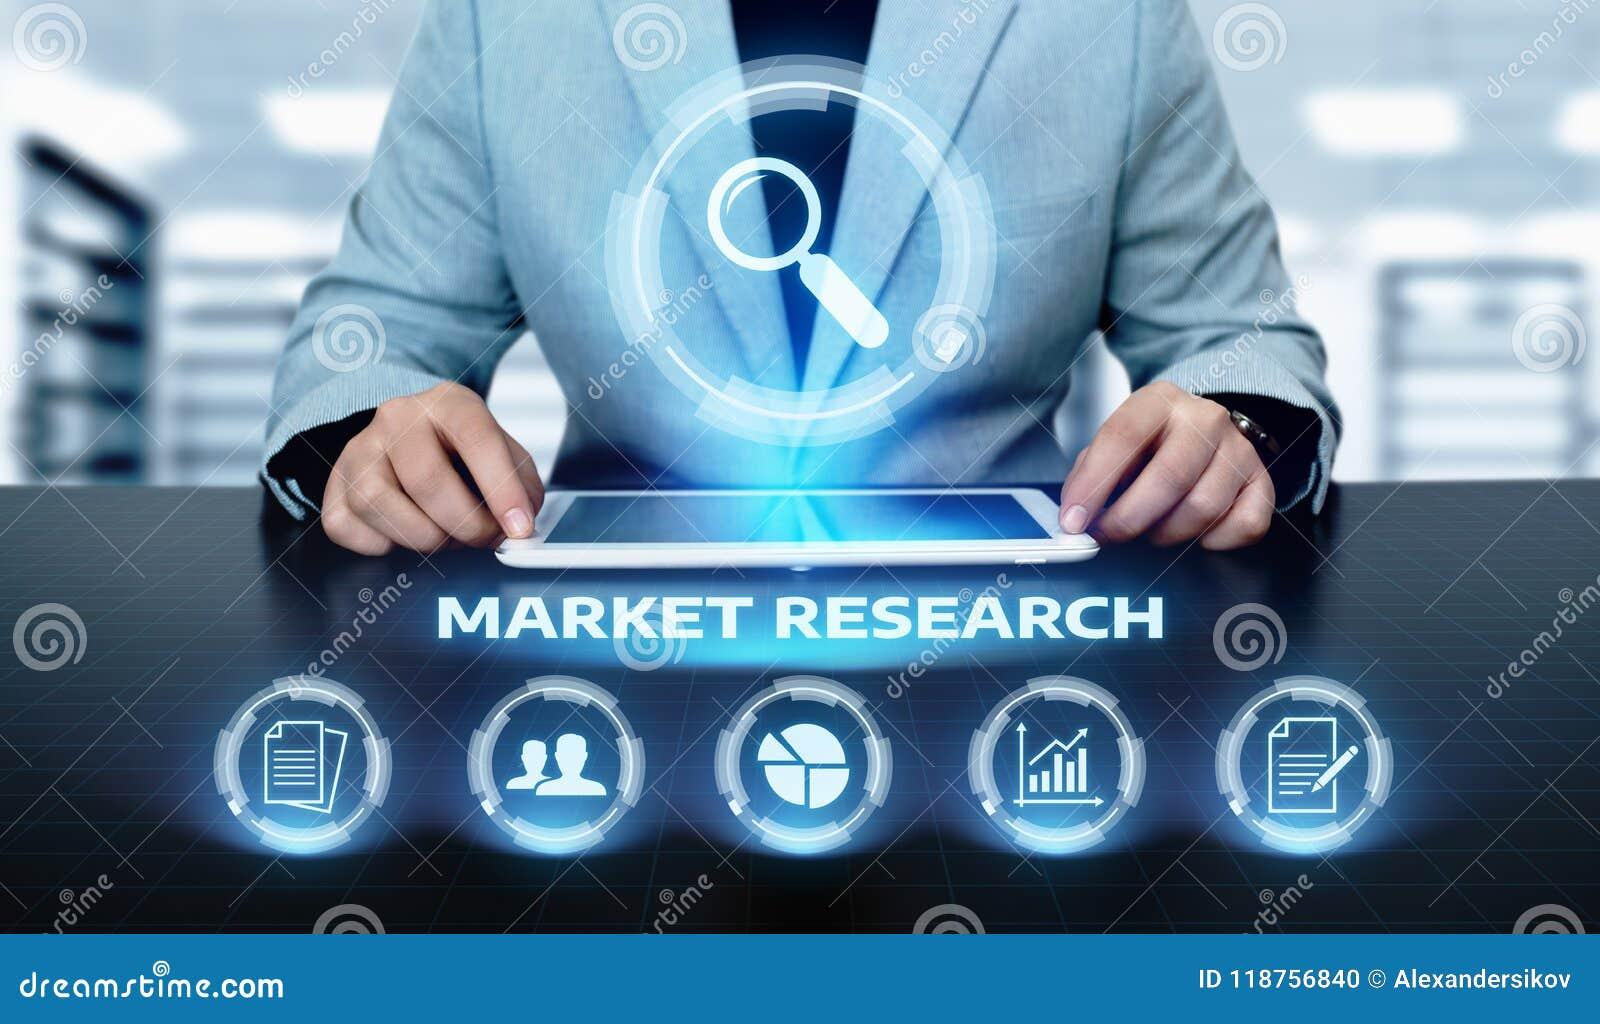 Begrepp för internet för teknologi för affär för strategi för marknadsföring för marknadsforskning